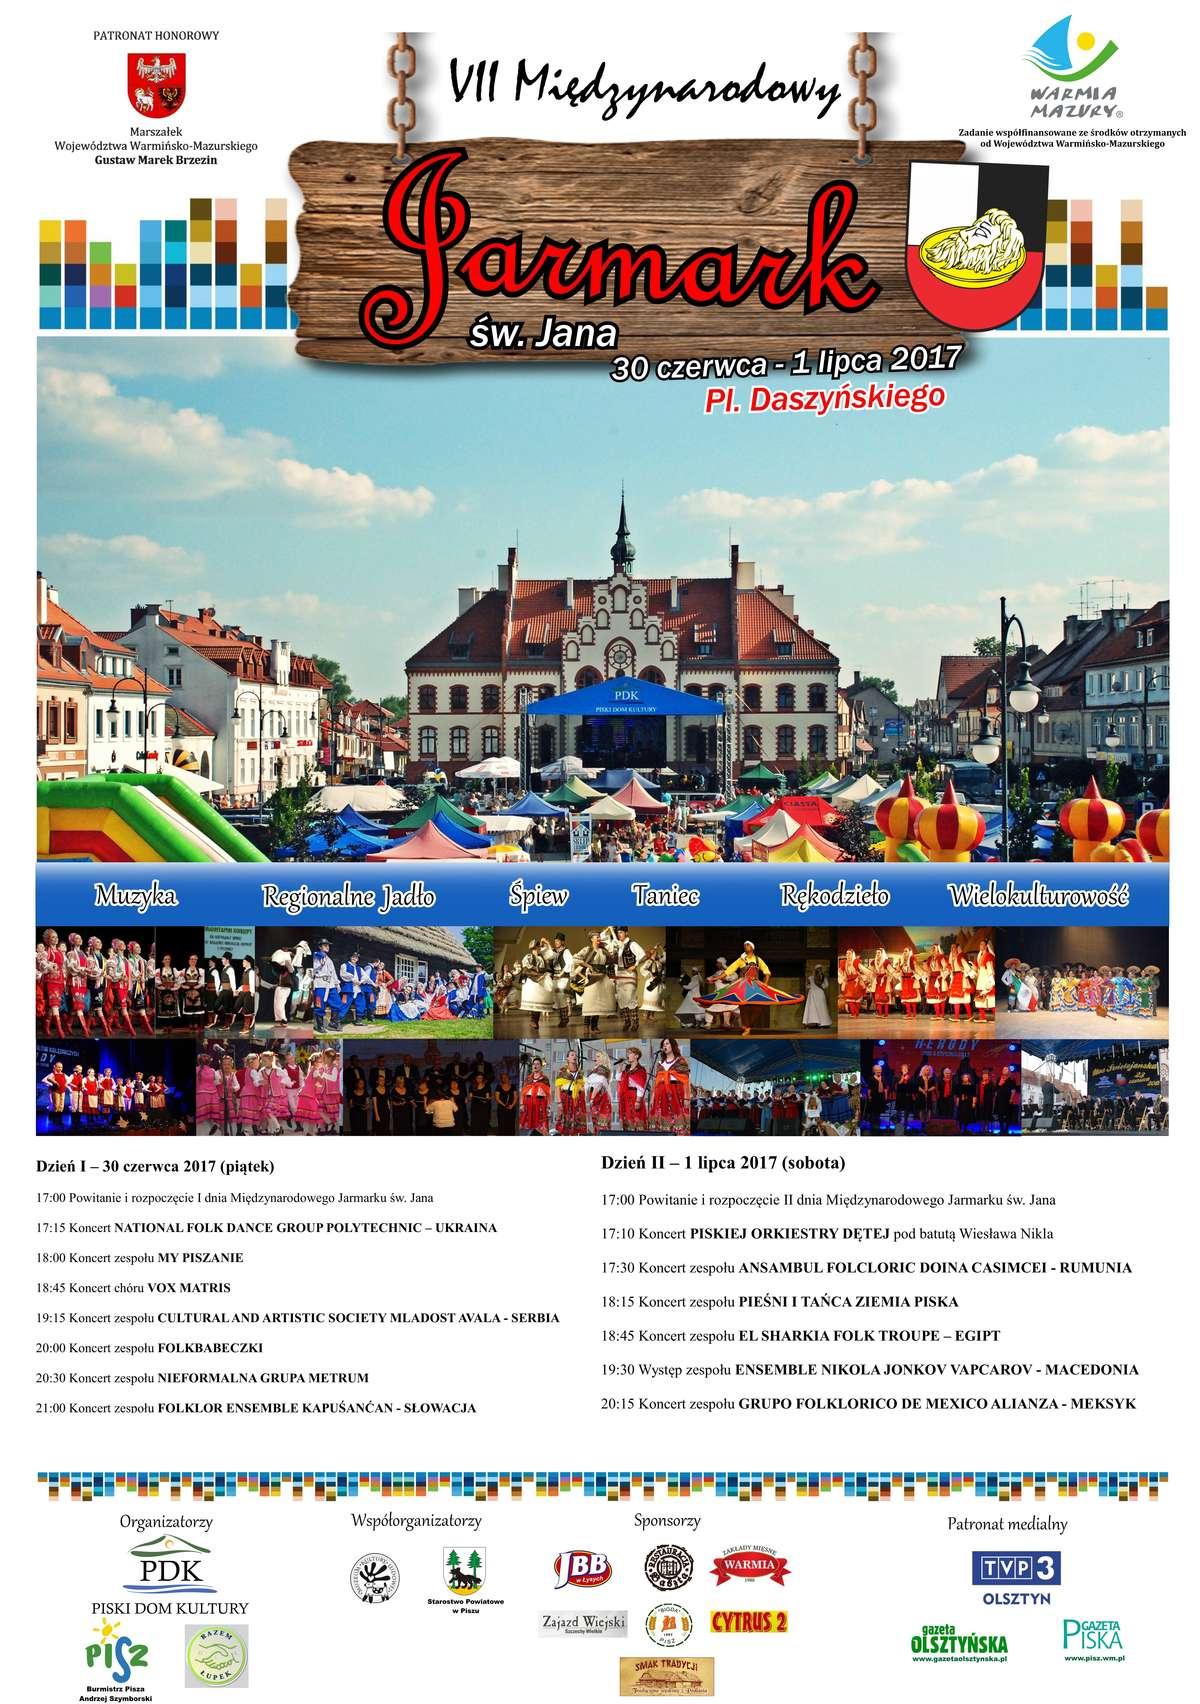 VII Międzynarodowy Jarmark św. Jana w Piszu - full image